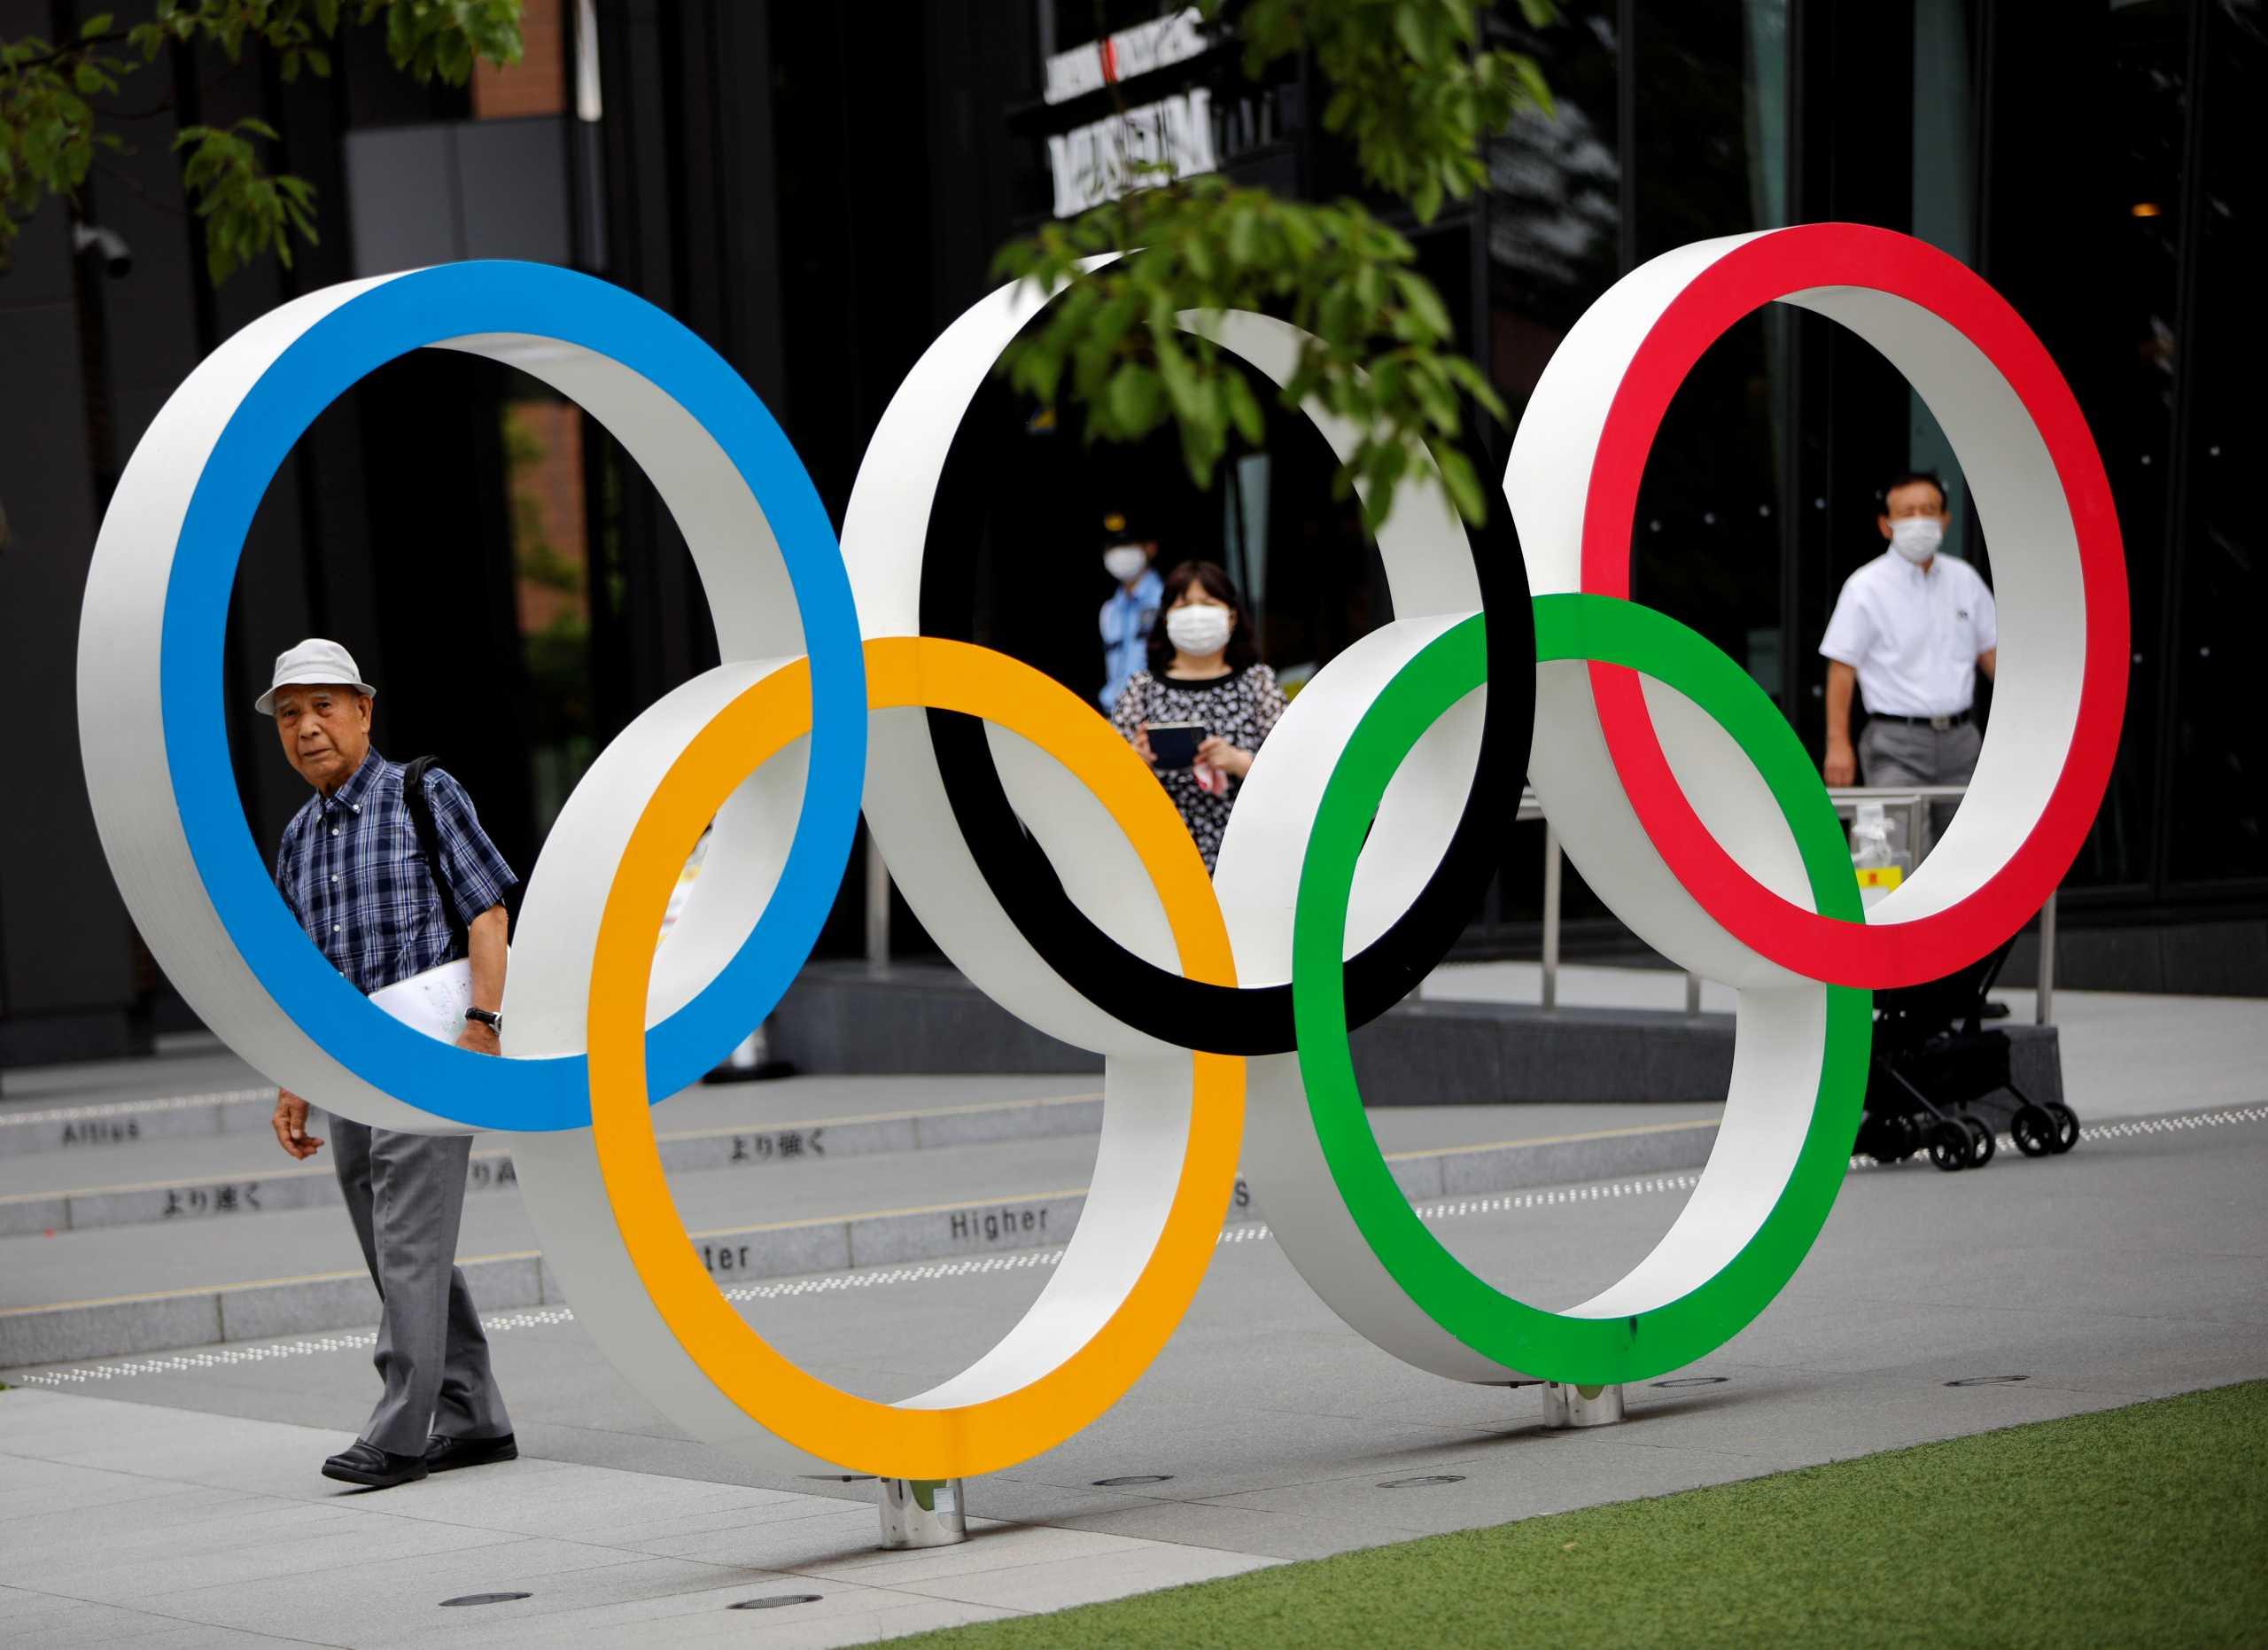 Υπαρκτό το ενδεχόμενο για Ολυμπιακούς Αγώνες στο Τόκιο χωρίς θεατές